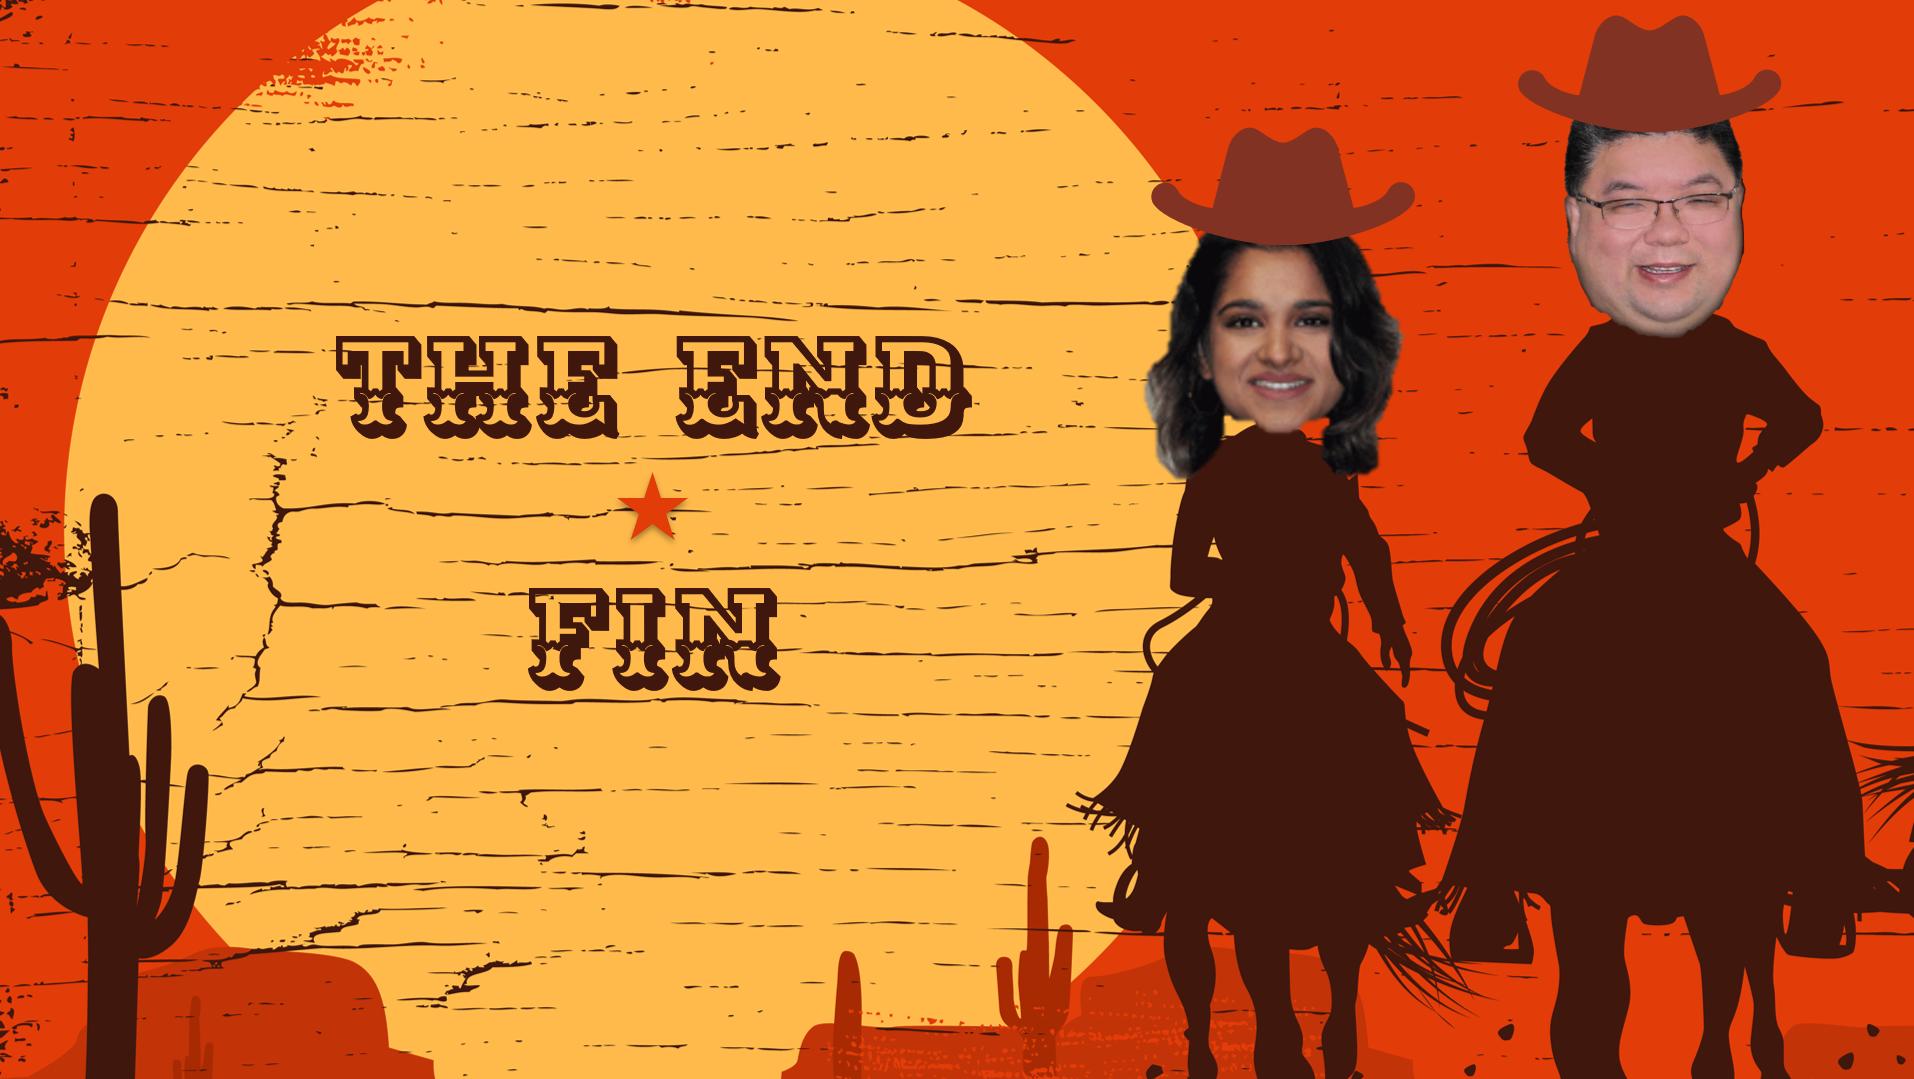 Dessin humoristique d'un coucher de soleil style western avec une inscription « FIN ». Deux photos retouchées représentent les présentateurs du webinaire sur le dos de leur monture.